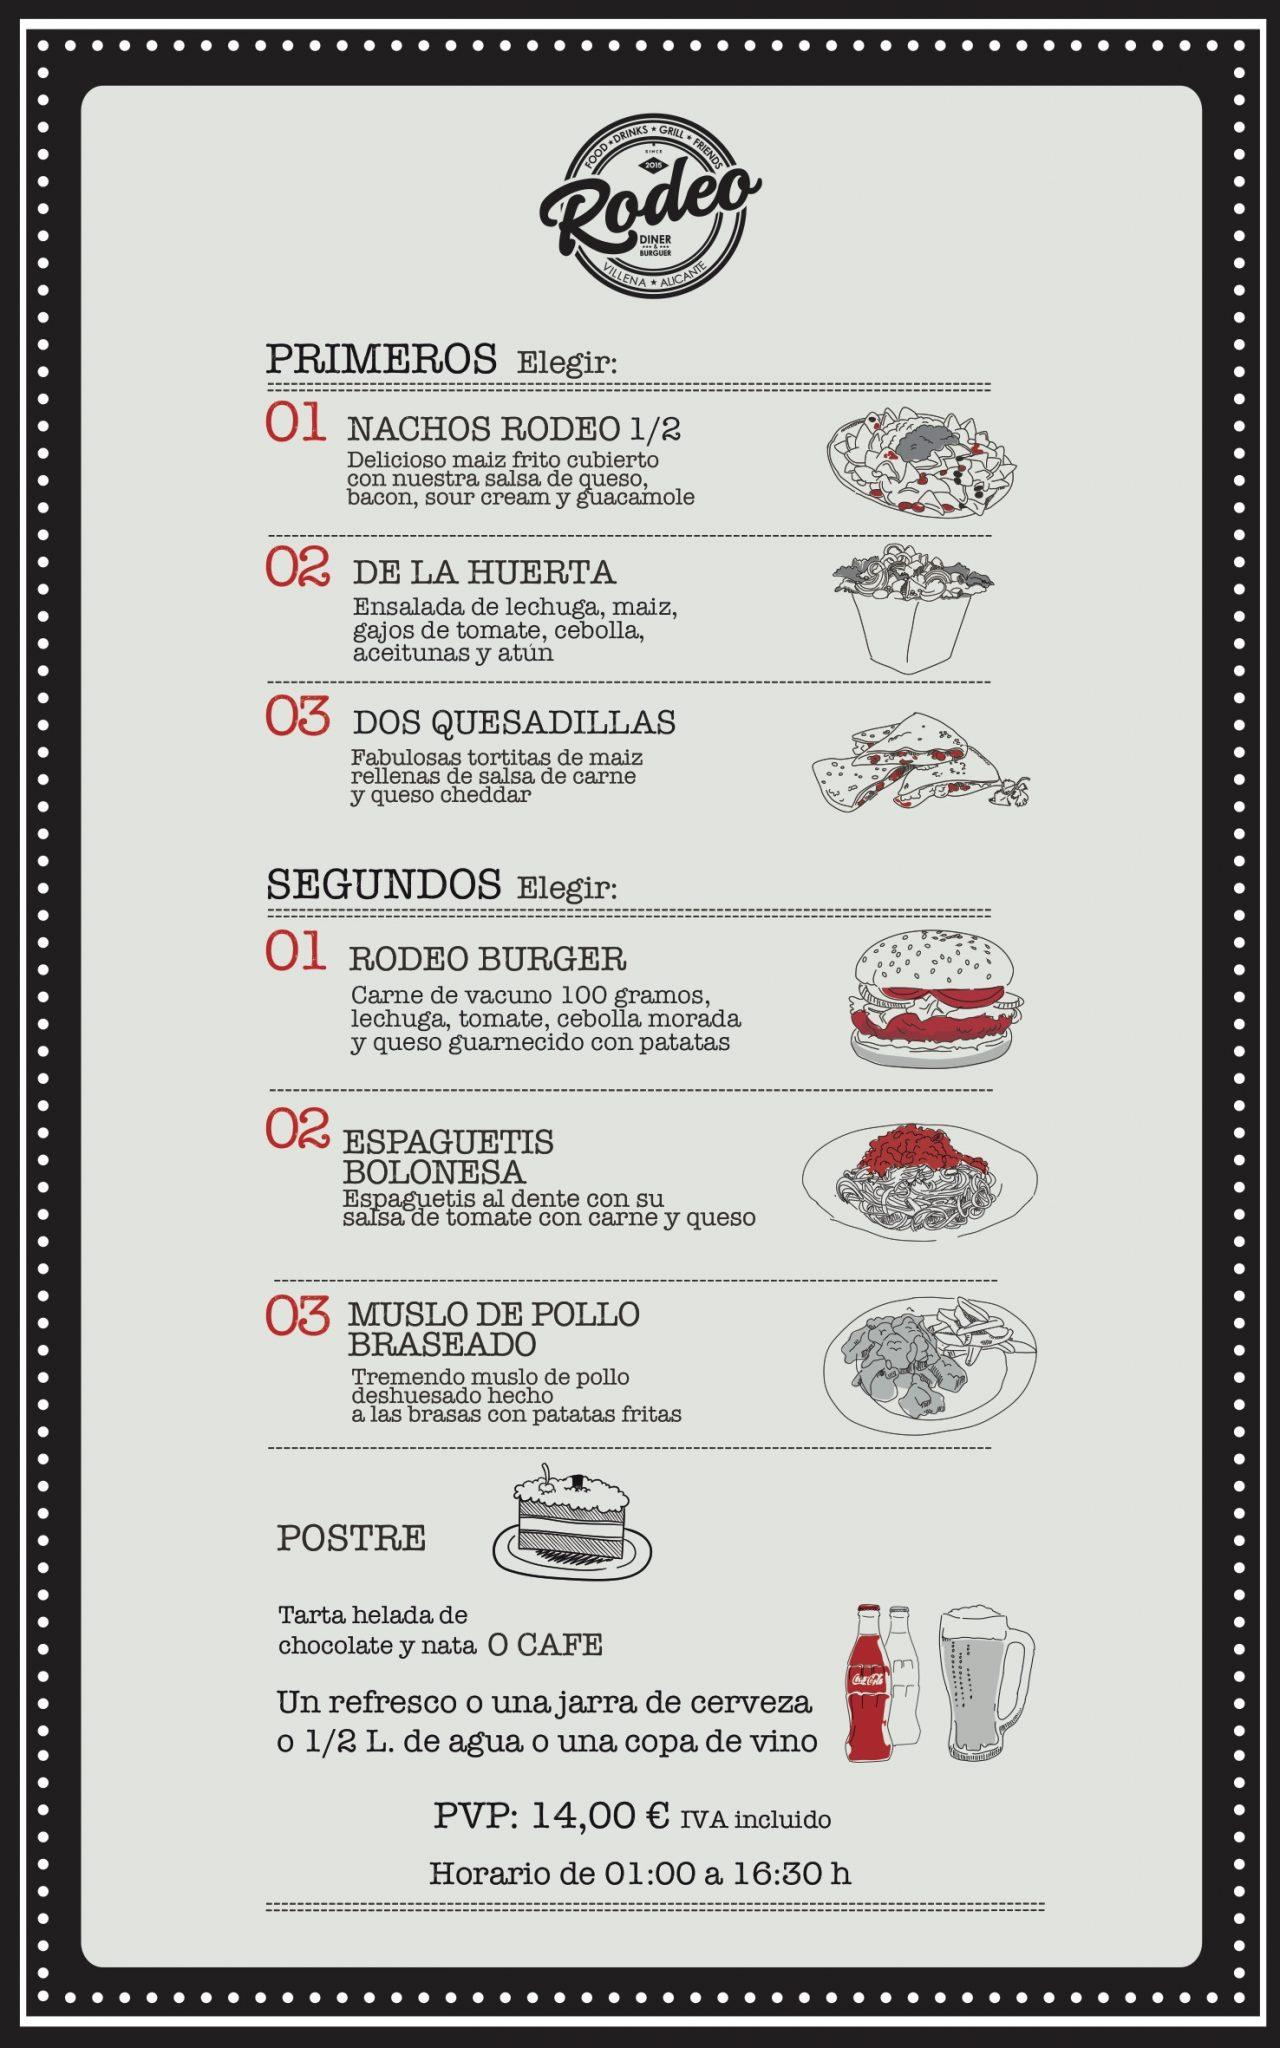 menú del día para fiestas de Moros y Cristianos 2.018 Rodeo Diner & Burger